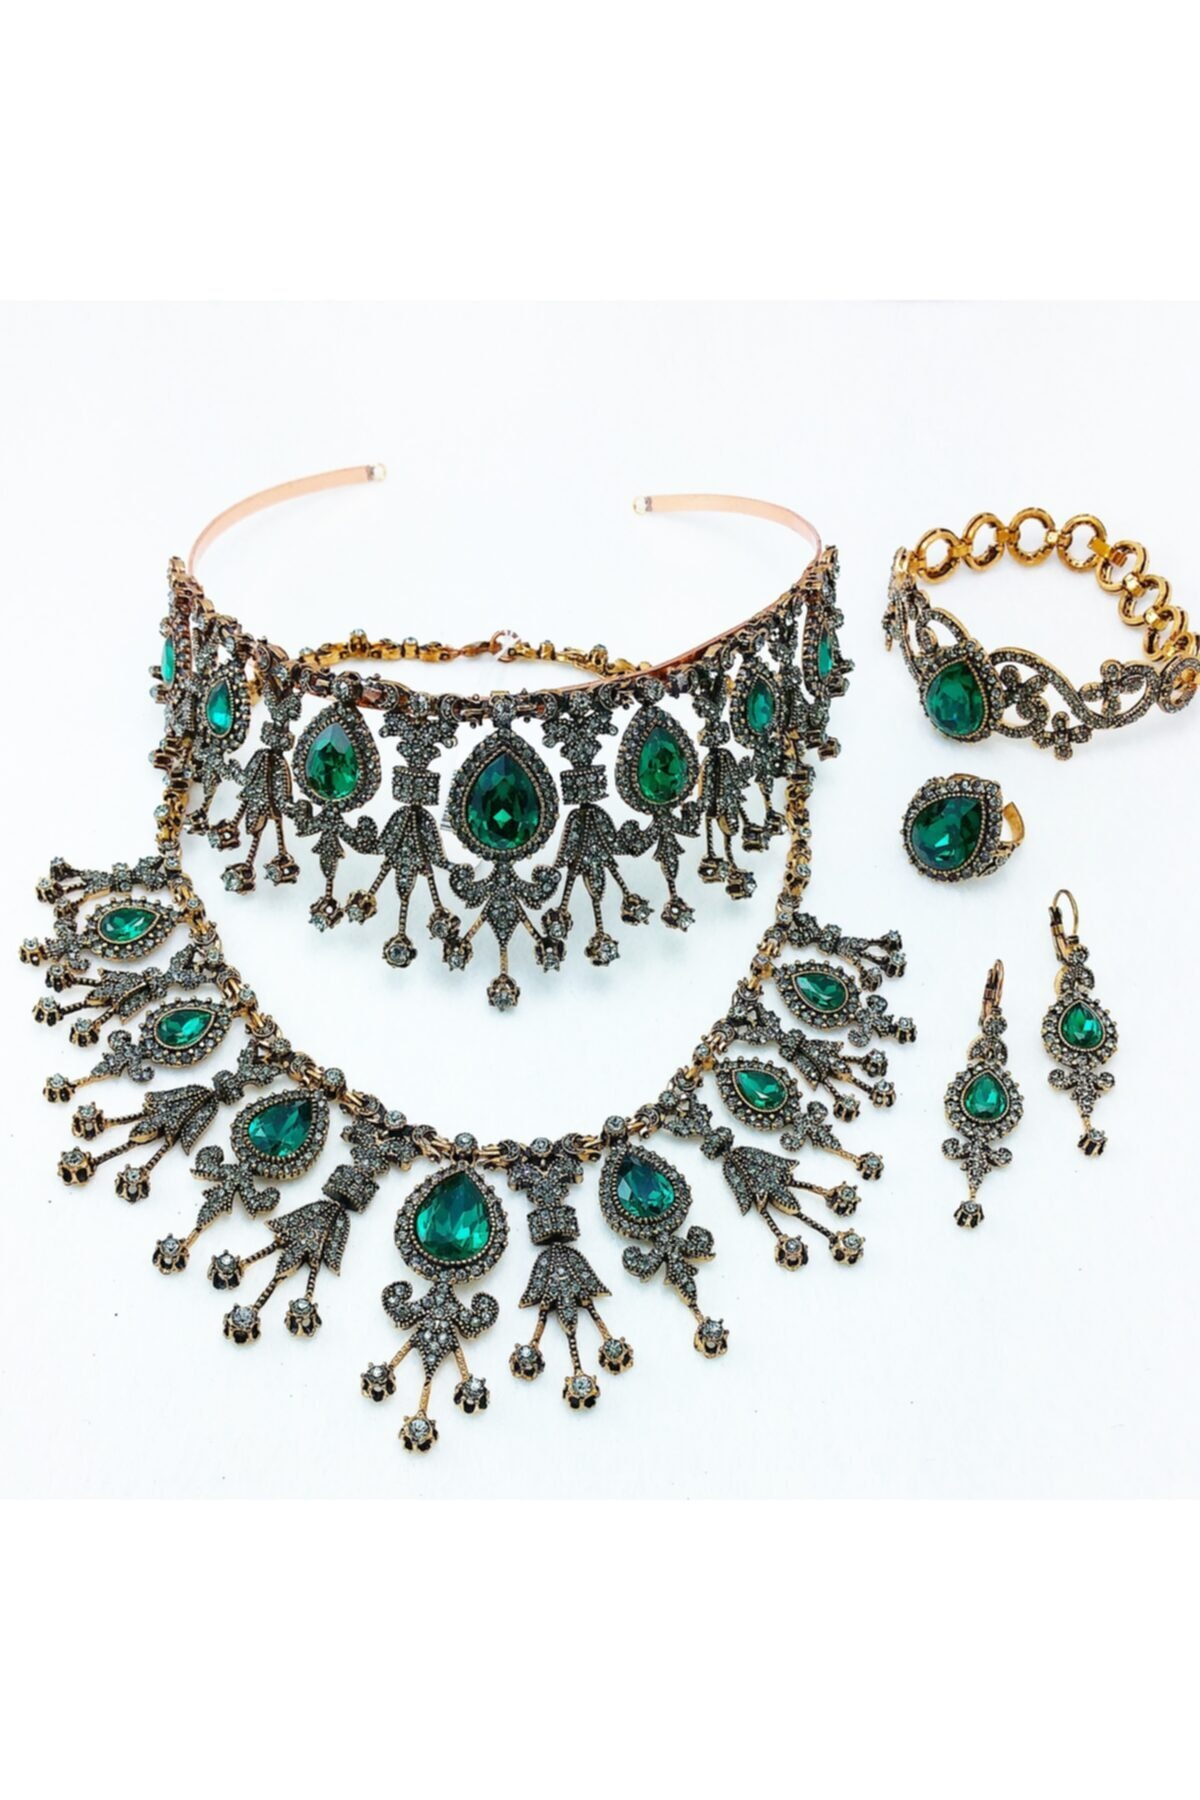 مجوهرات الأزياء النسائية الماس شنت الزمرد قطرة المختنق ومجموعات التاج